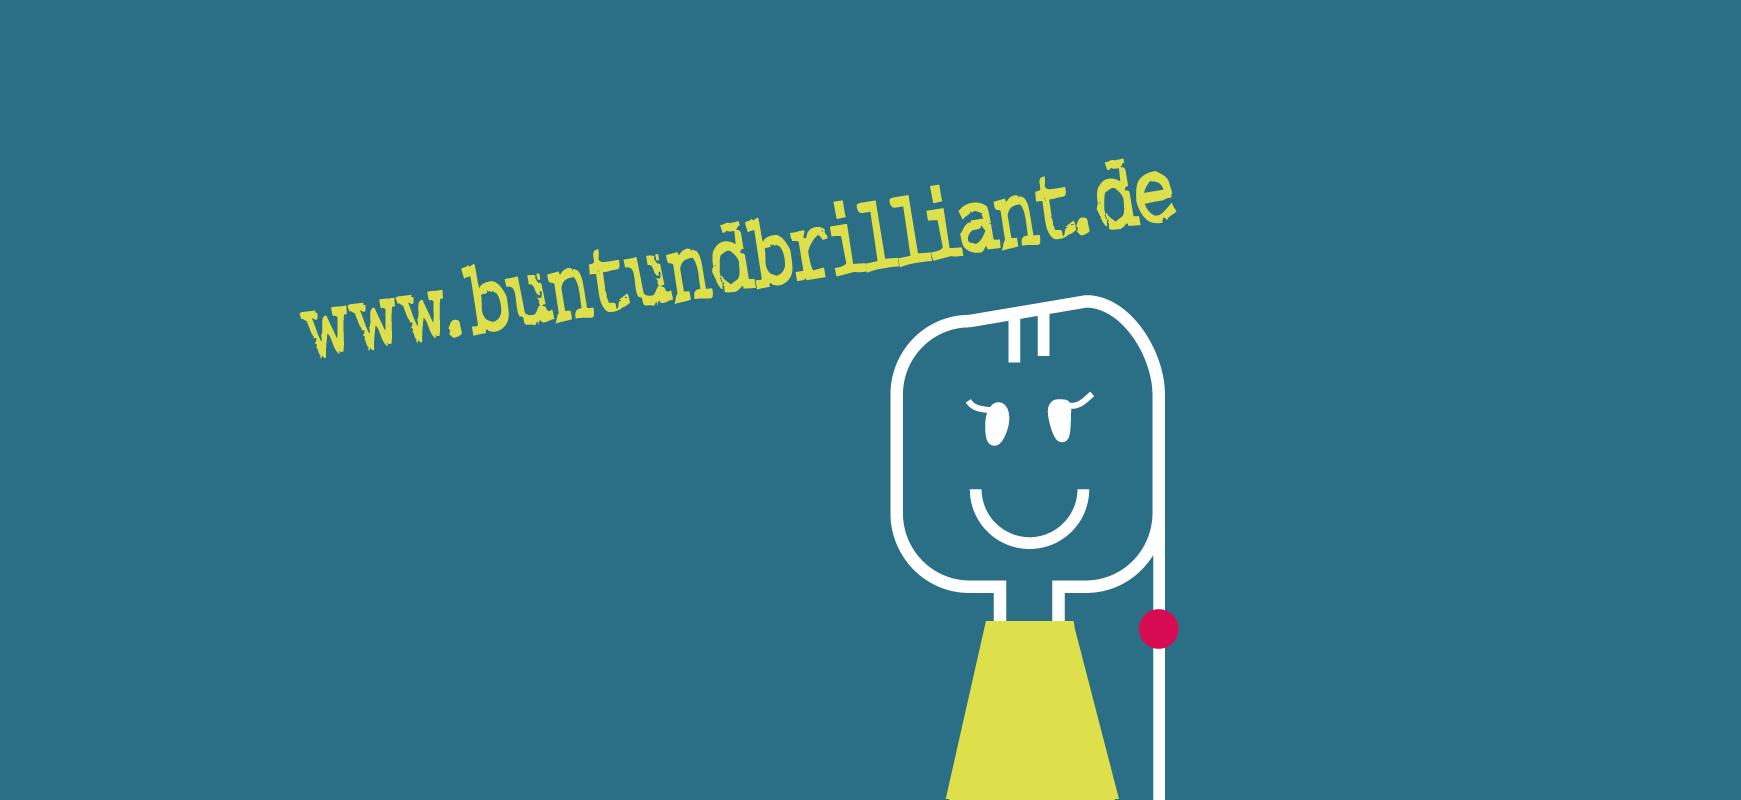 buntundbrilliant1